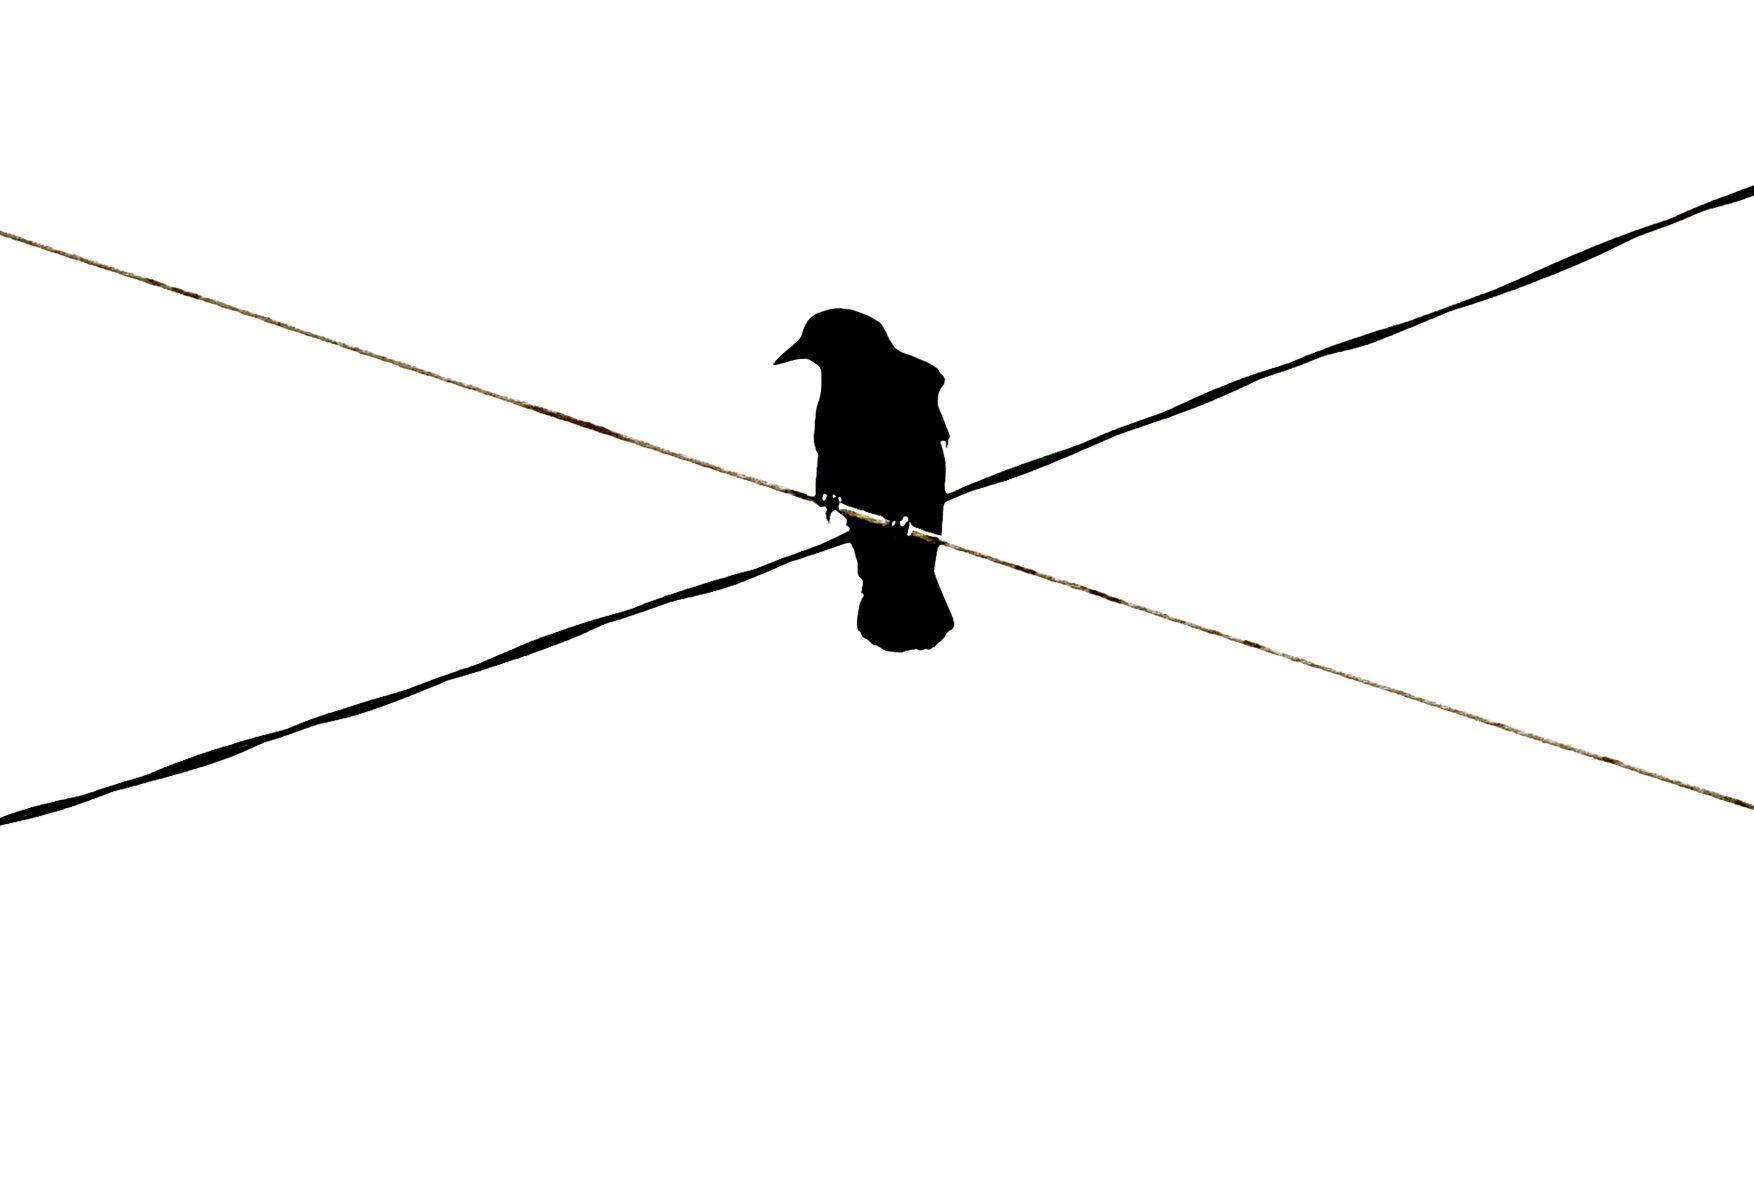 Bird Series #10 - Crossroads ©2012 L. Aviva Diamond